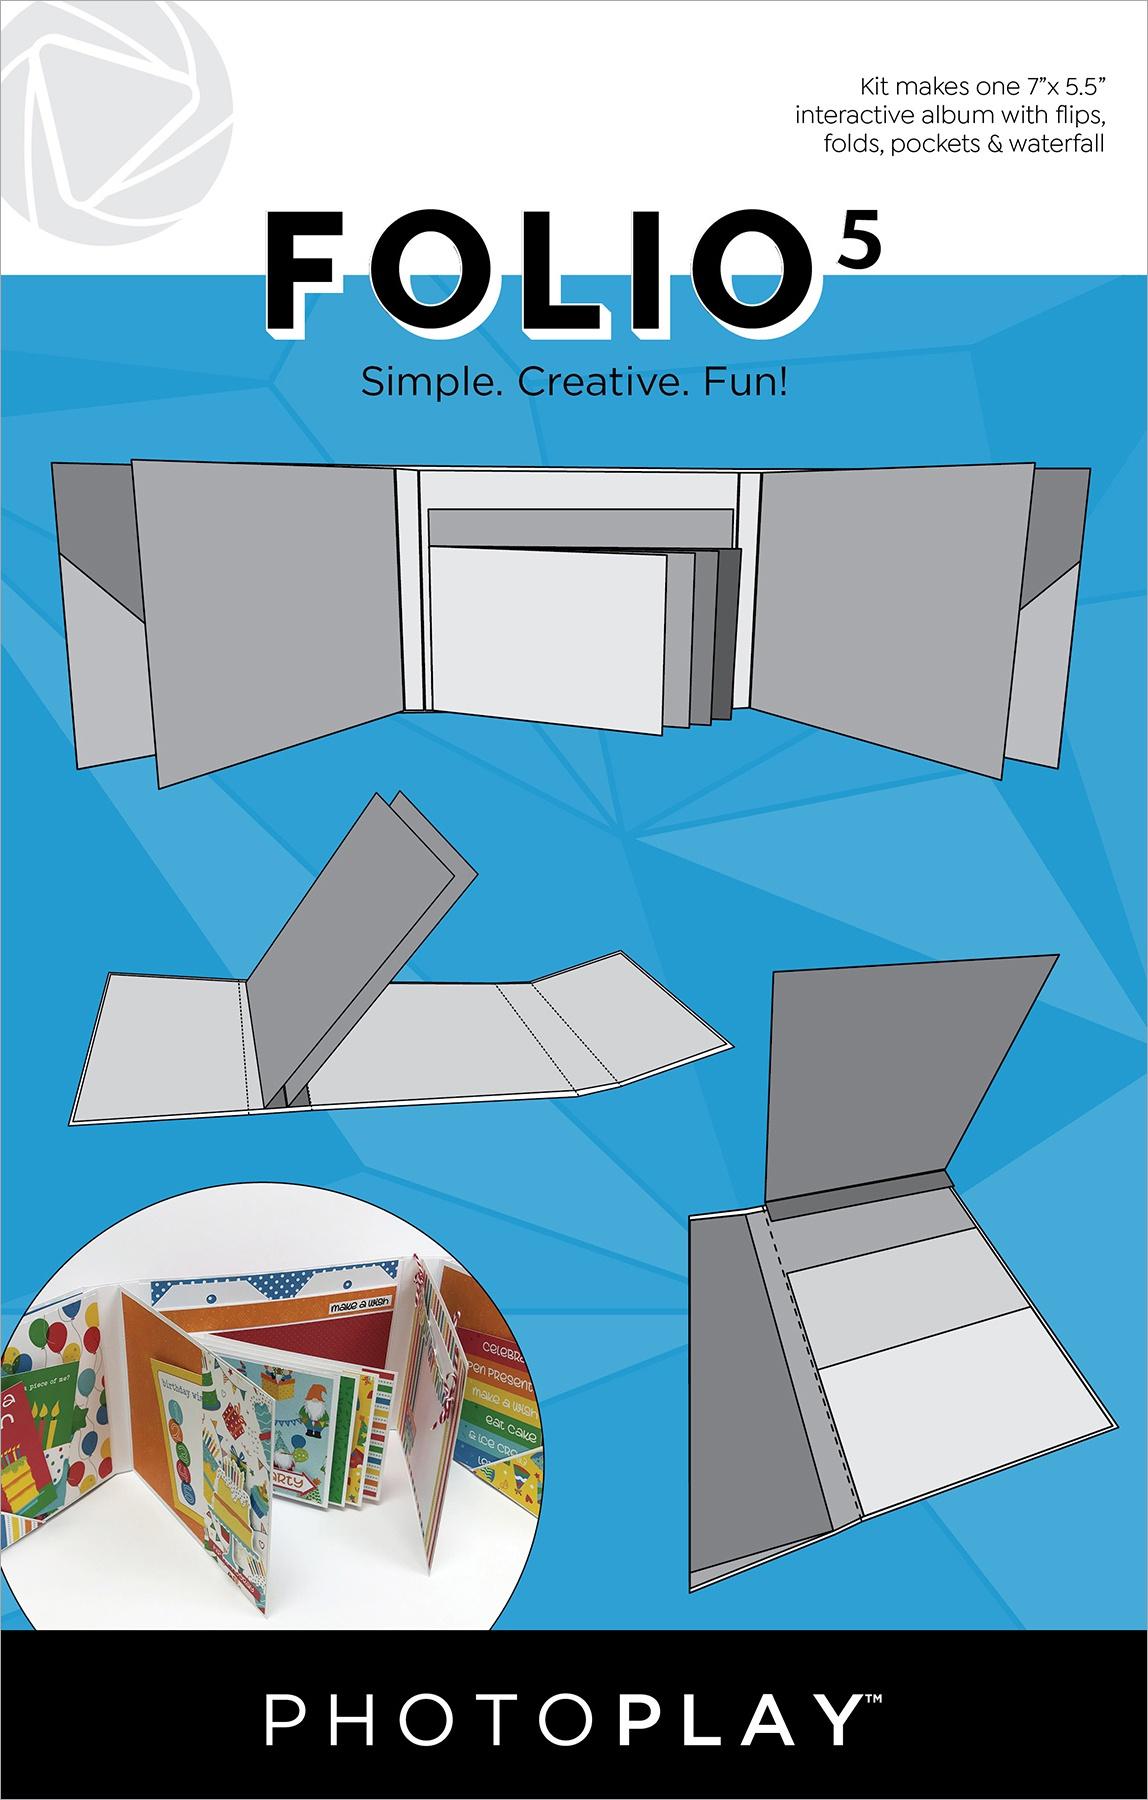 PhotoPlay Folio 5 - White, 7 x 5.5